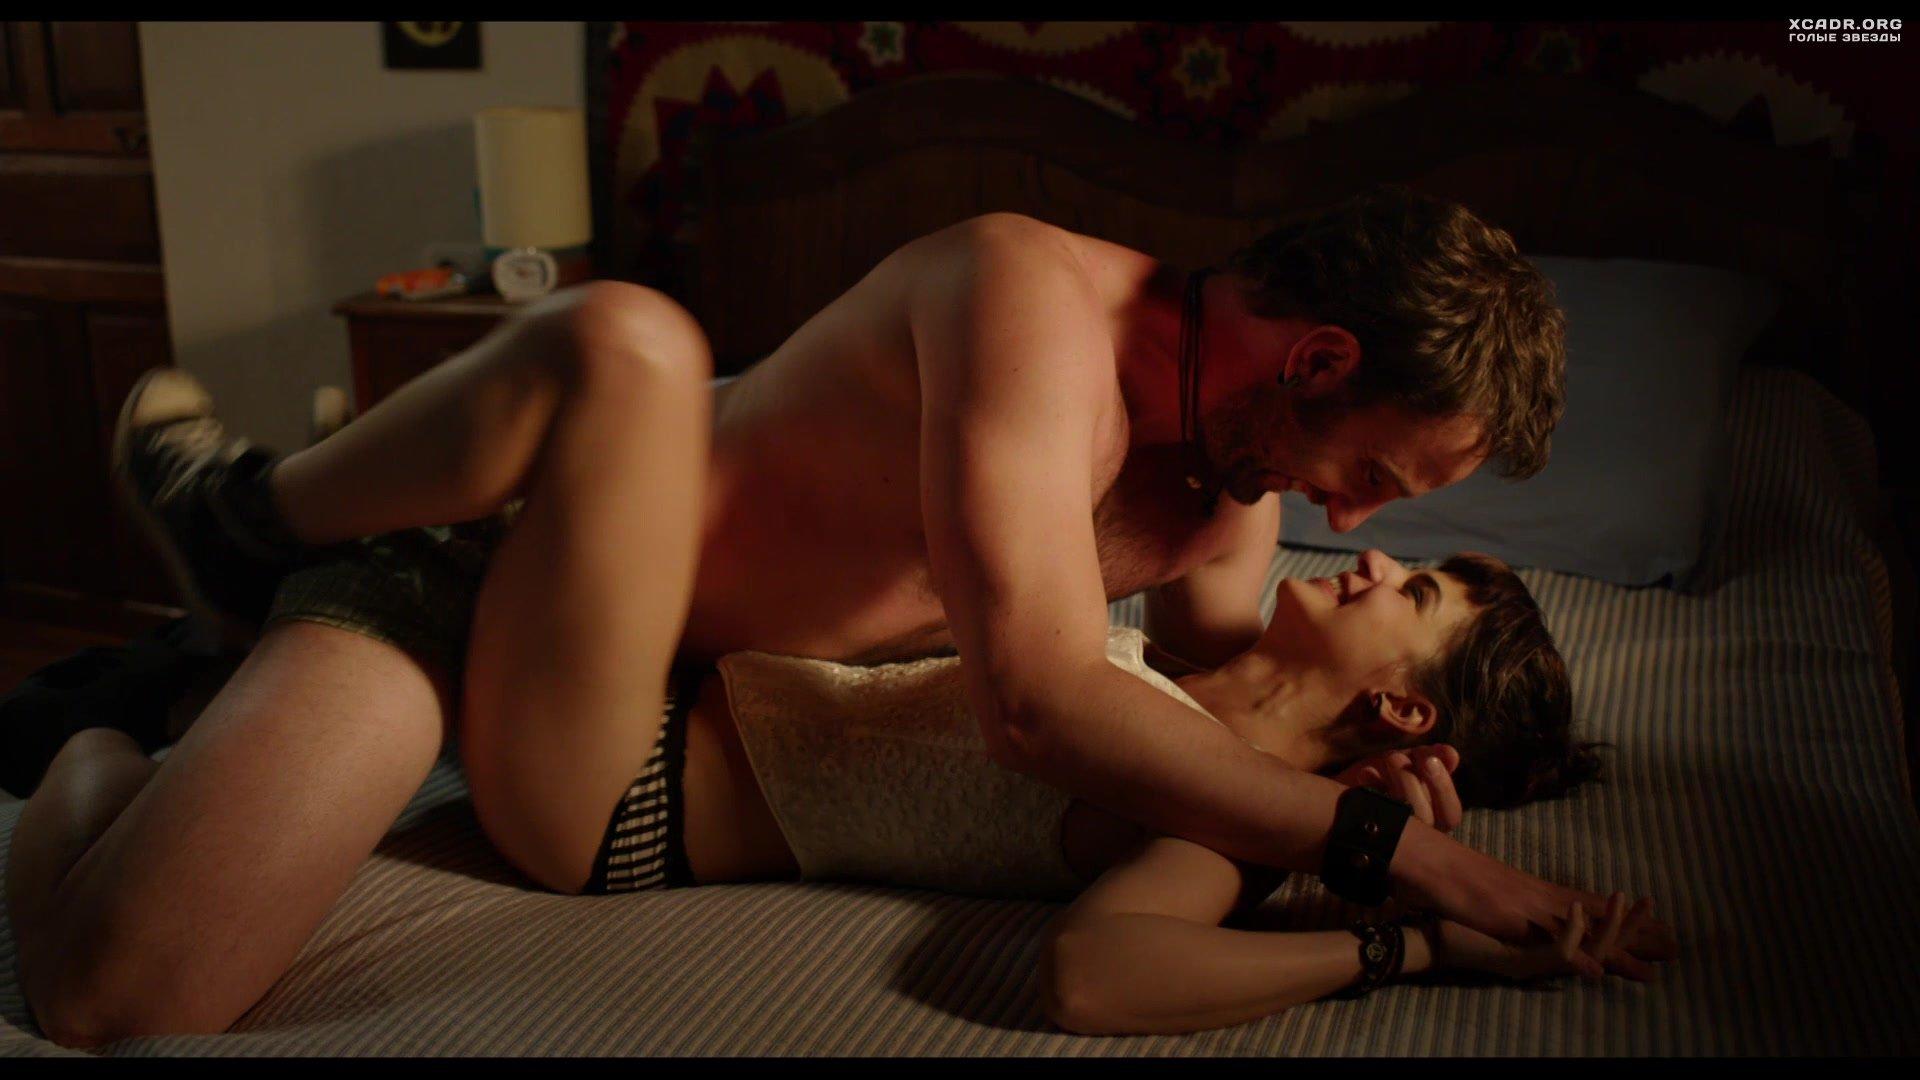 Clara lago секс видео скачать